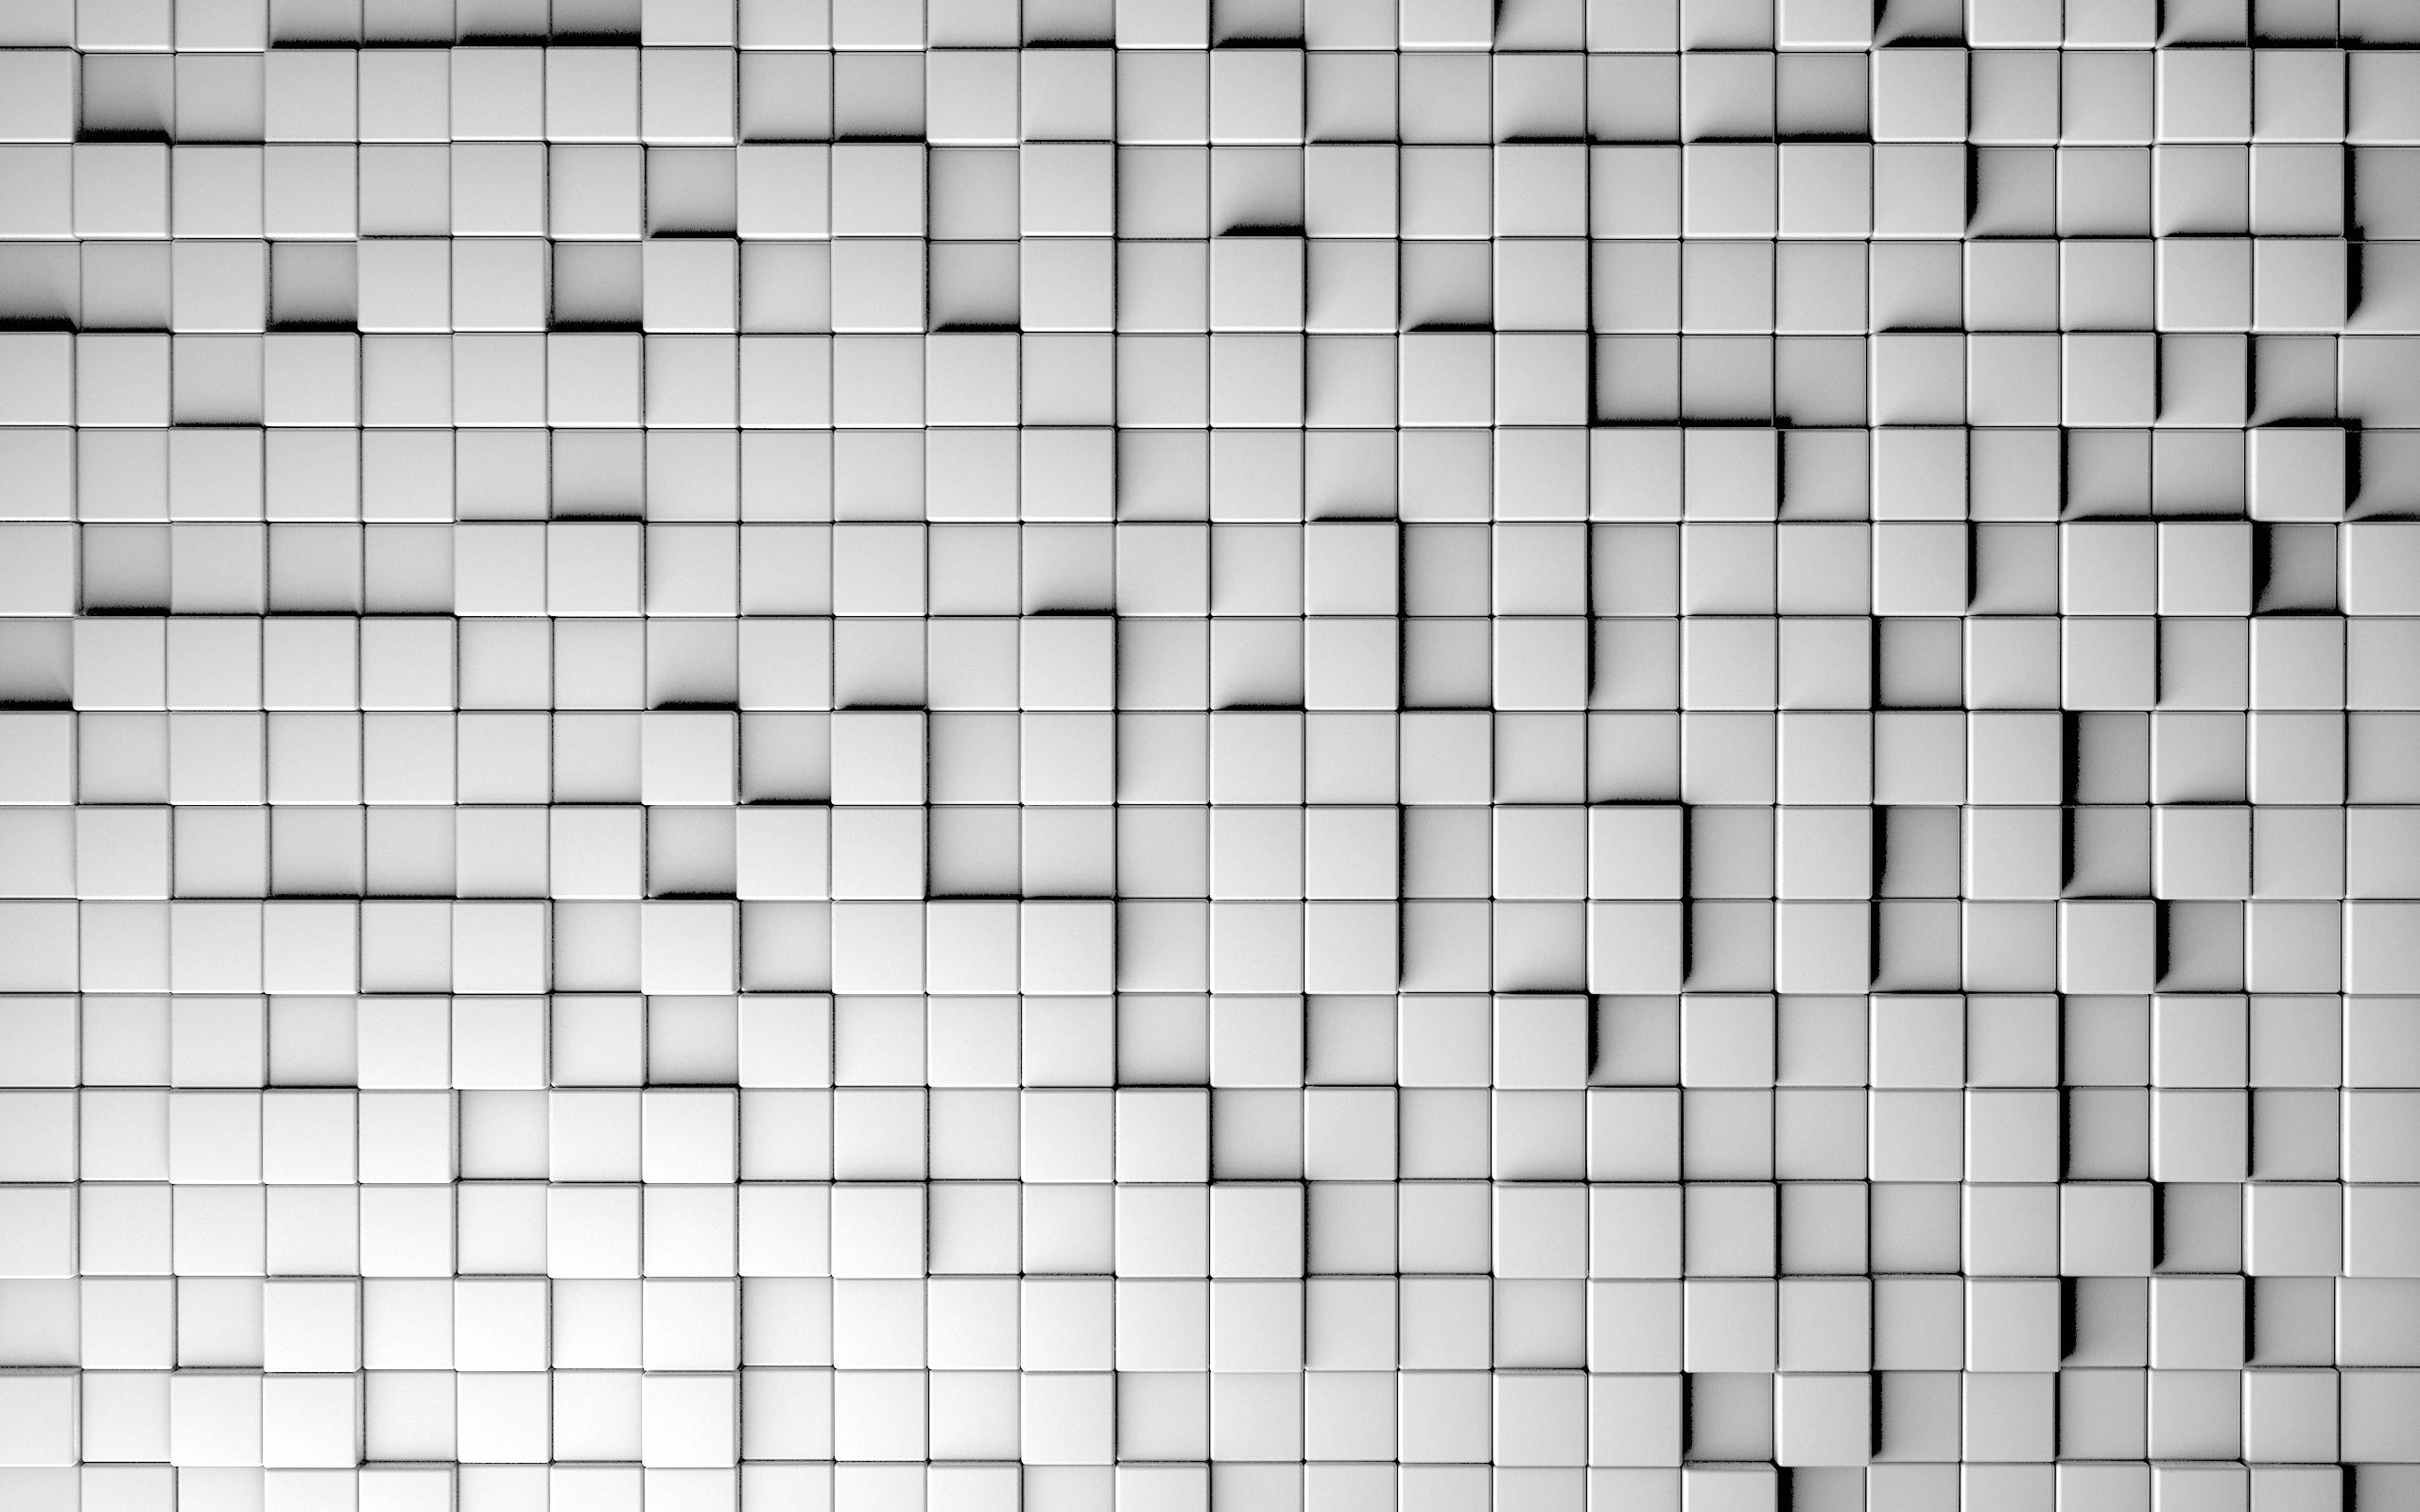 Квадраты фигуры свет блоки  № 3670681 без смс